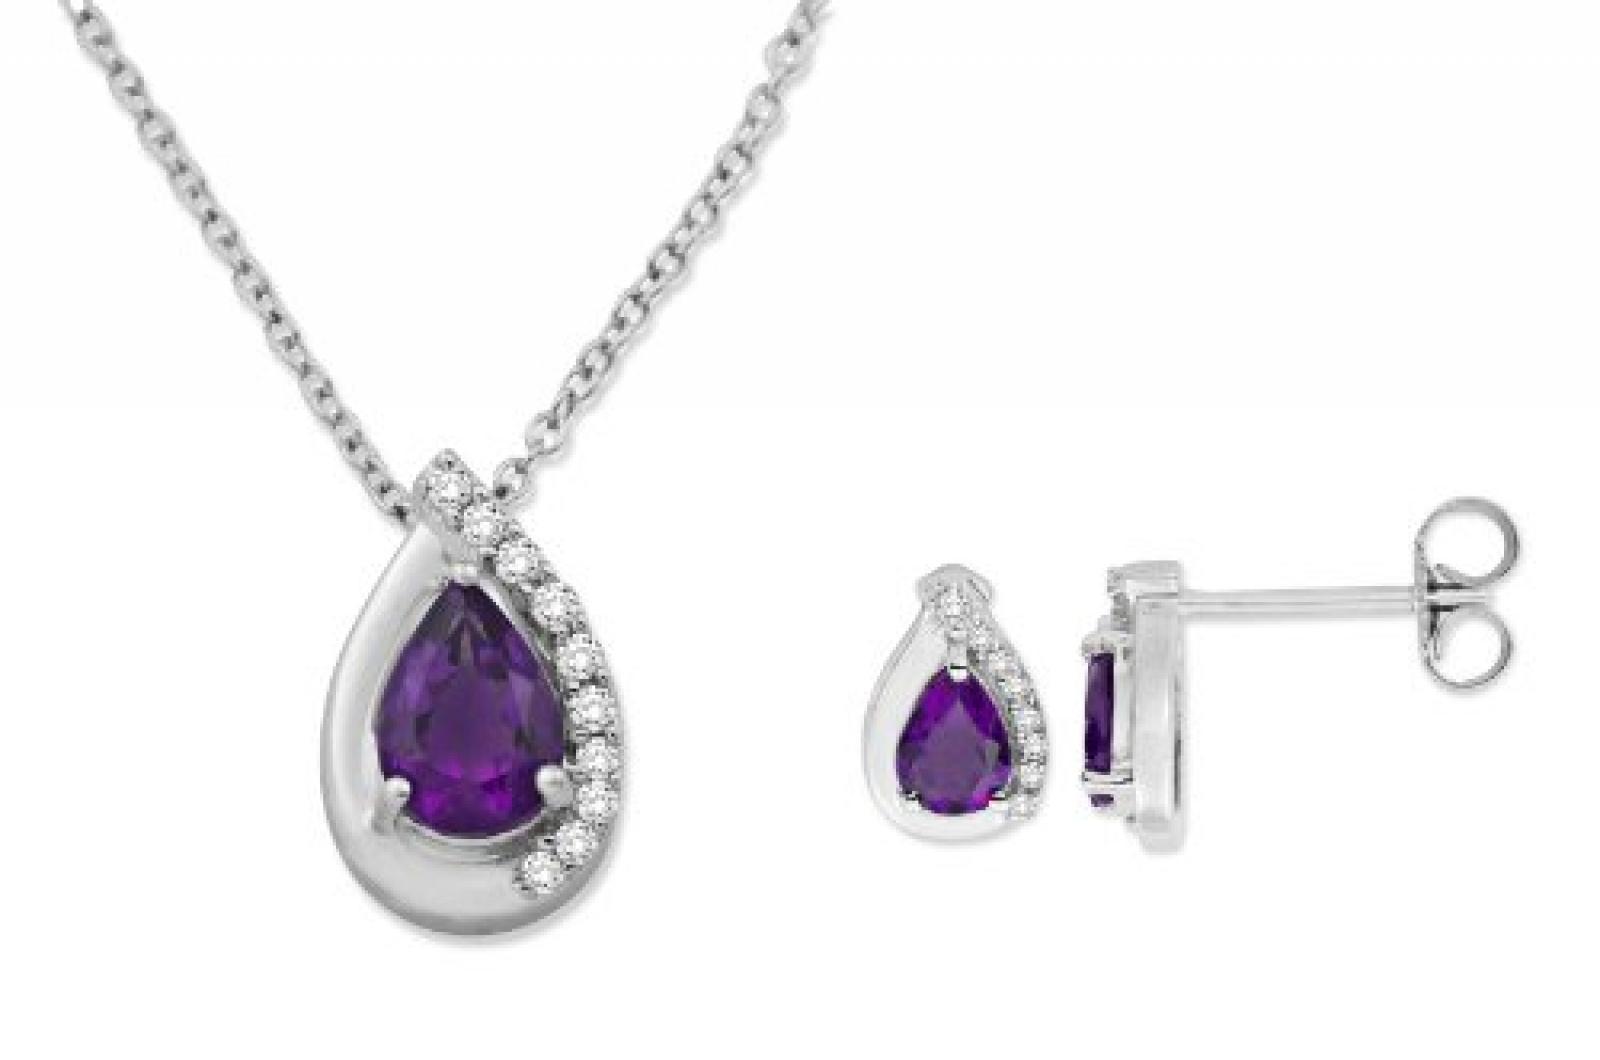 MIORE Damen-SchmuckSet Ohrringe und Anhänger 9 Karat (375) Weißgold Tropfen Amethyst und Diamant USP028W